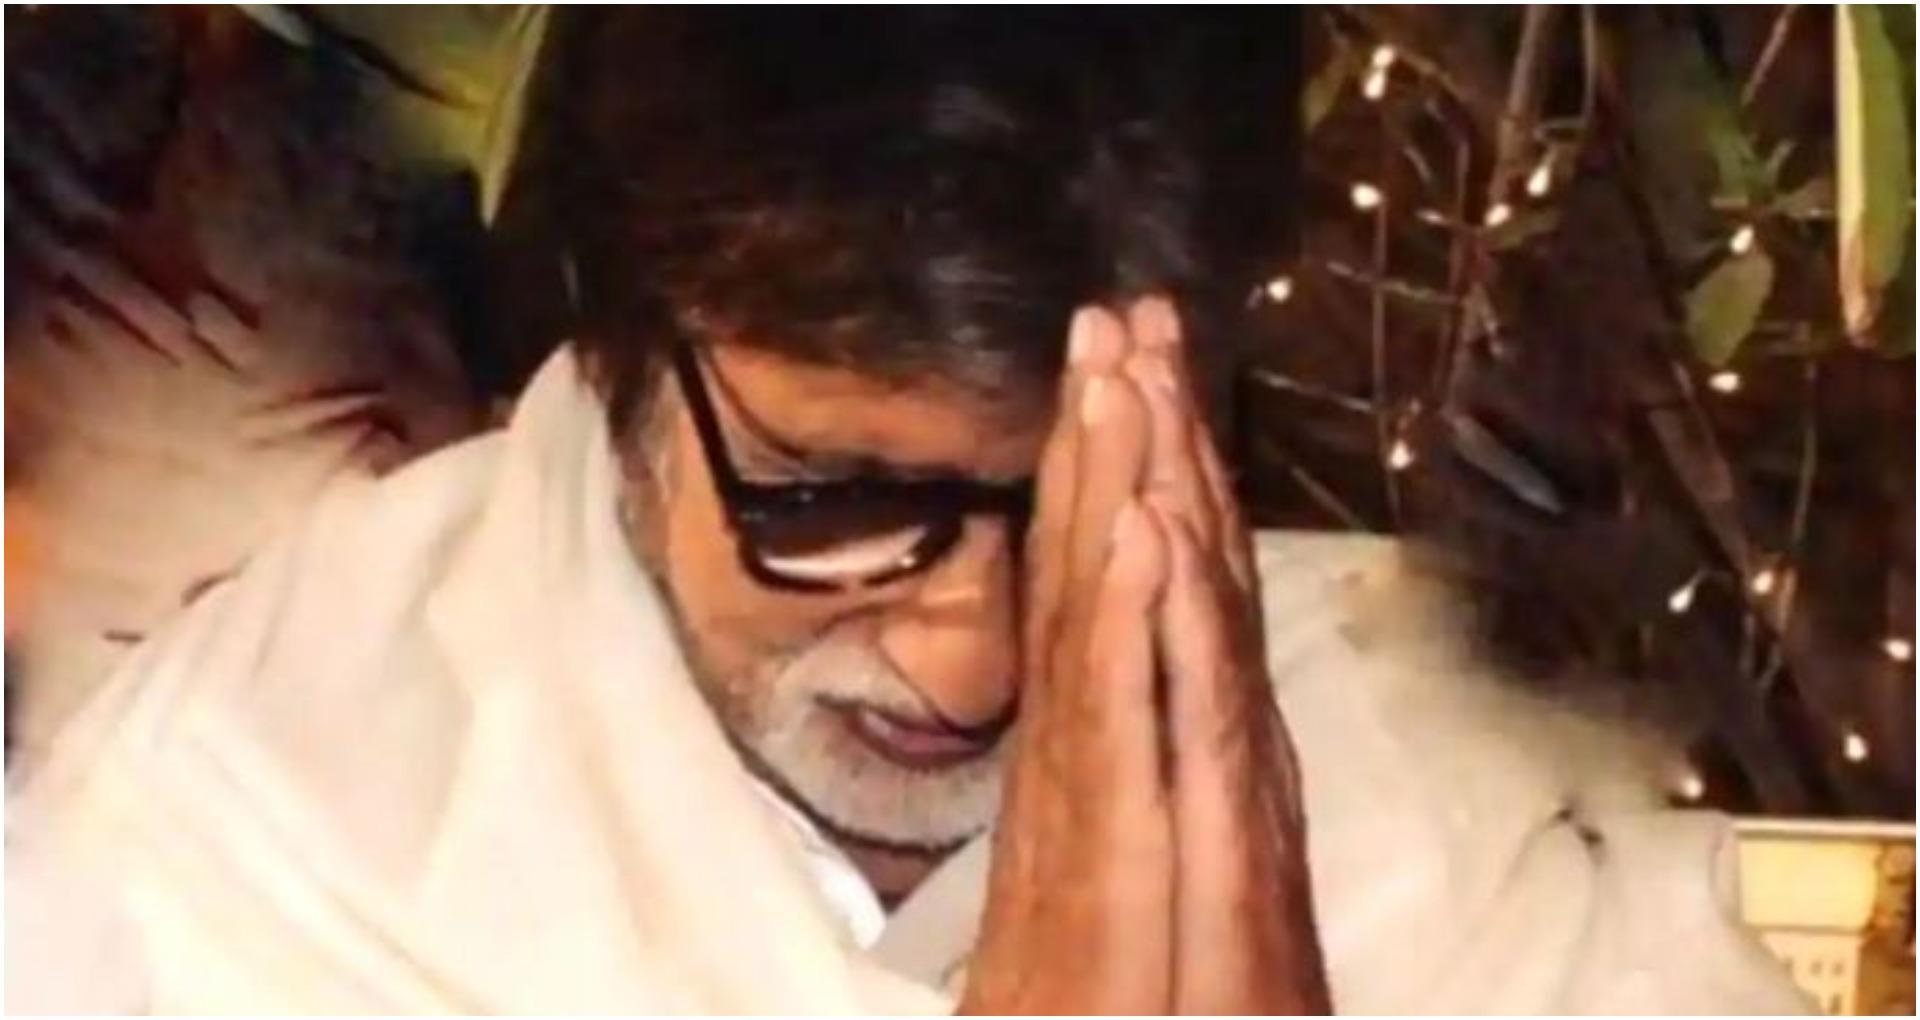 अमिताभ बच्चन ने हेल्थ केयर वर्कर्स के सम्मान में लिखी कविता, बताया 'ईश्वर रूपी देवता ये'